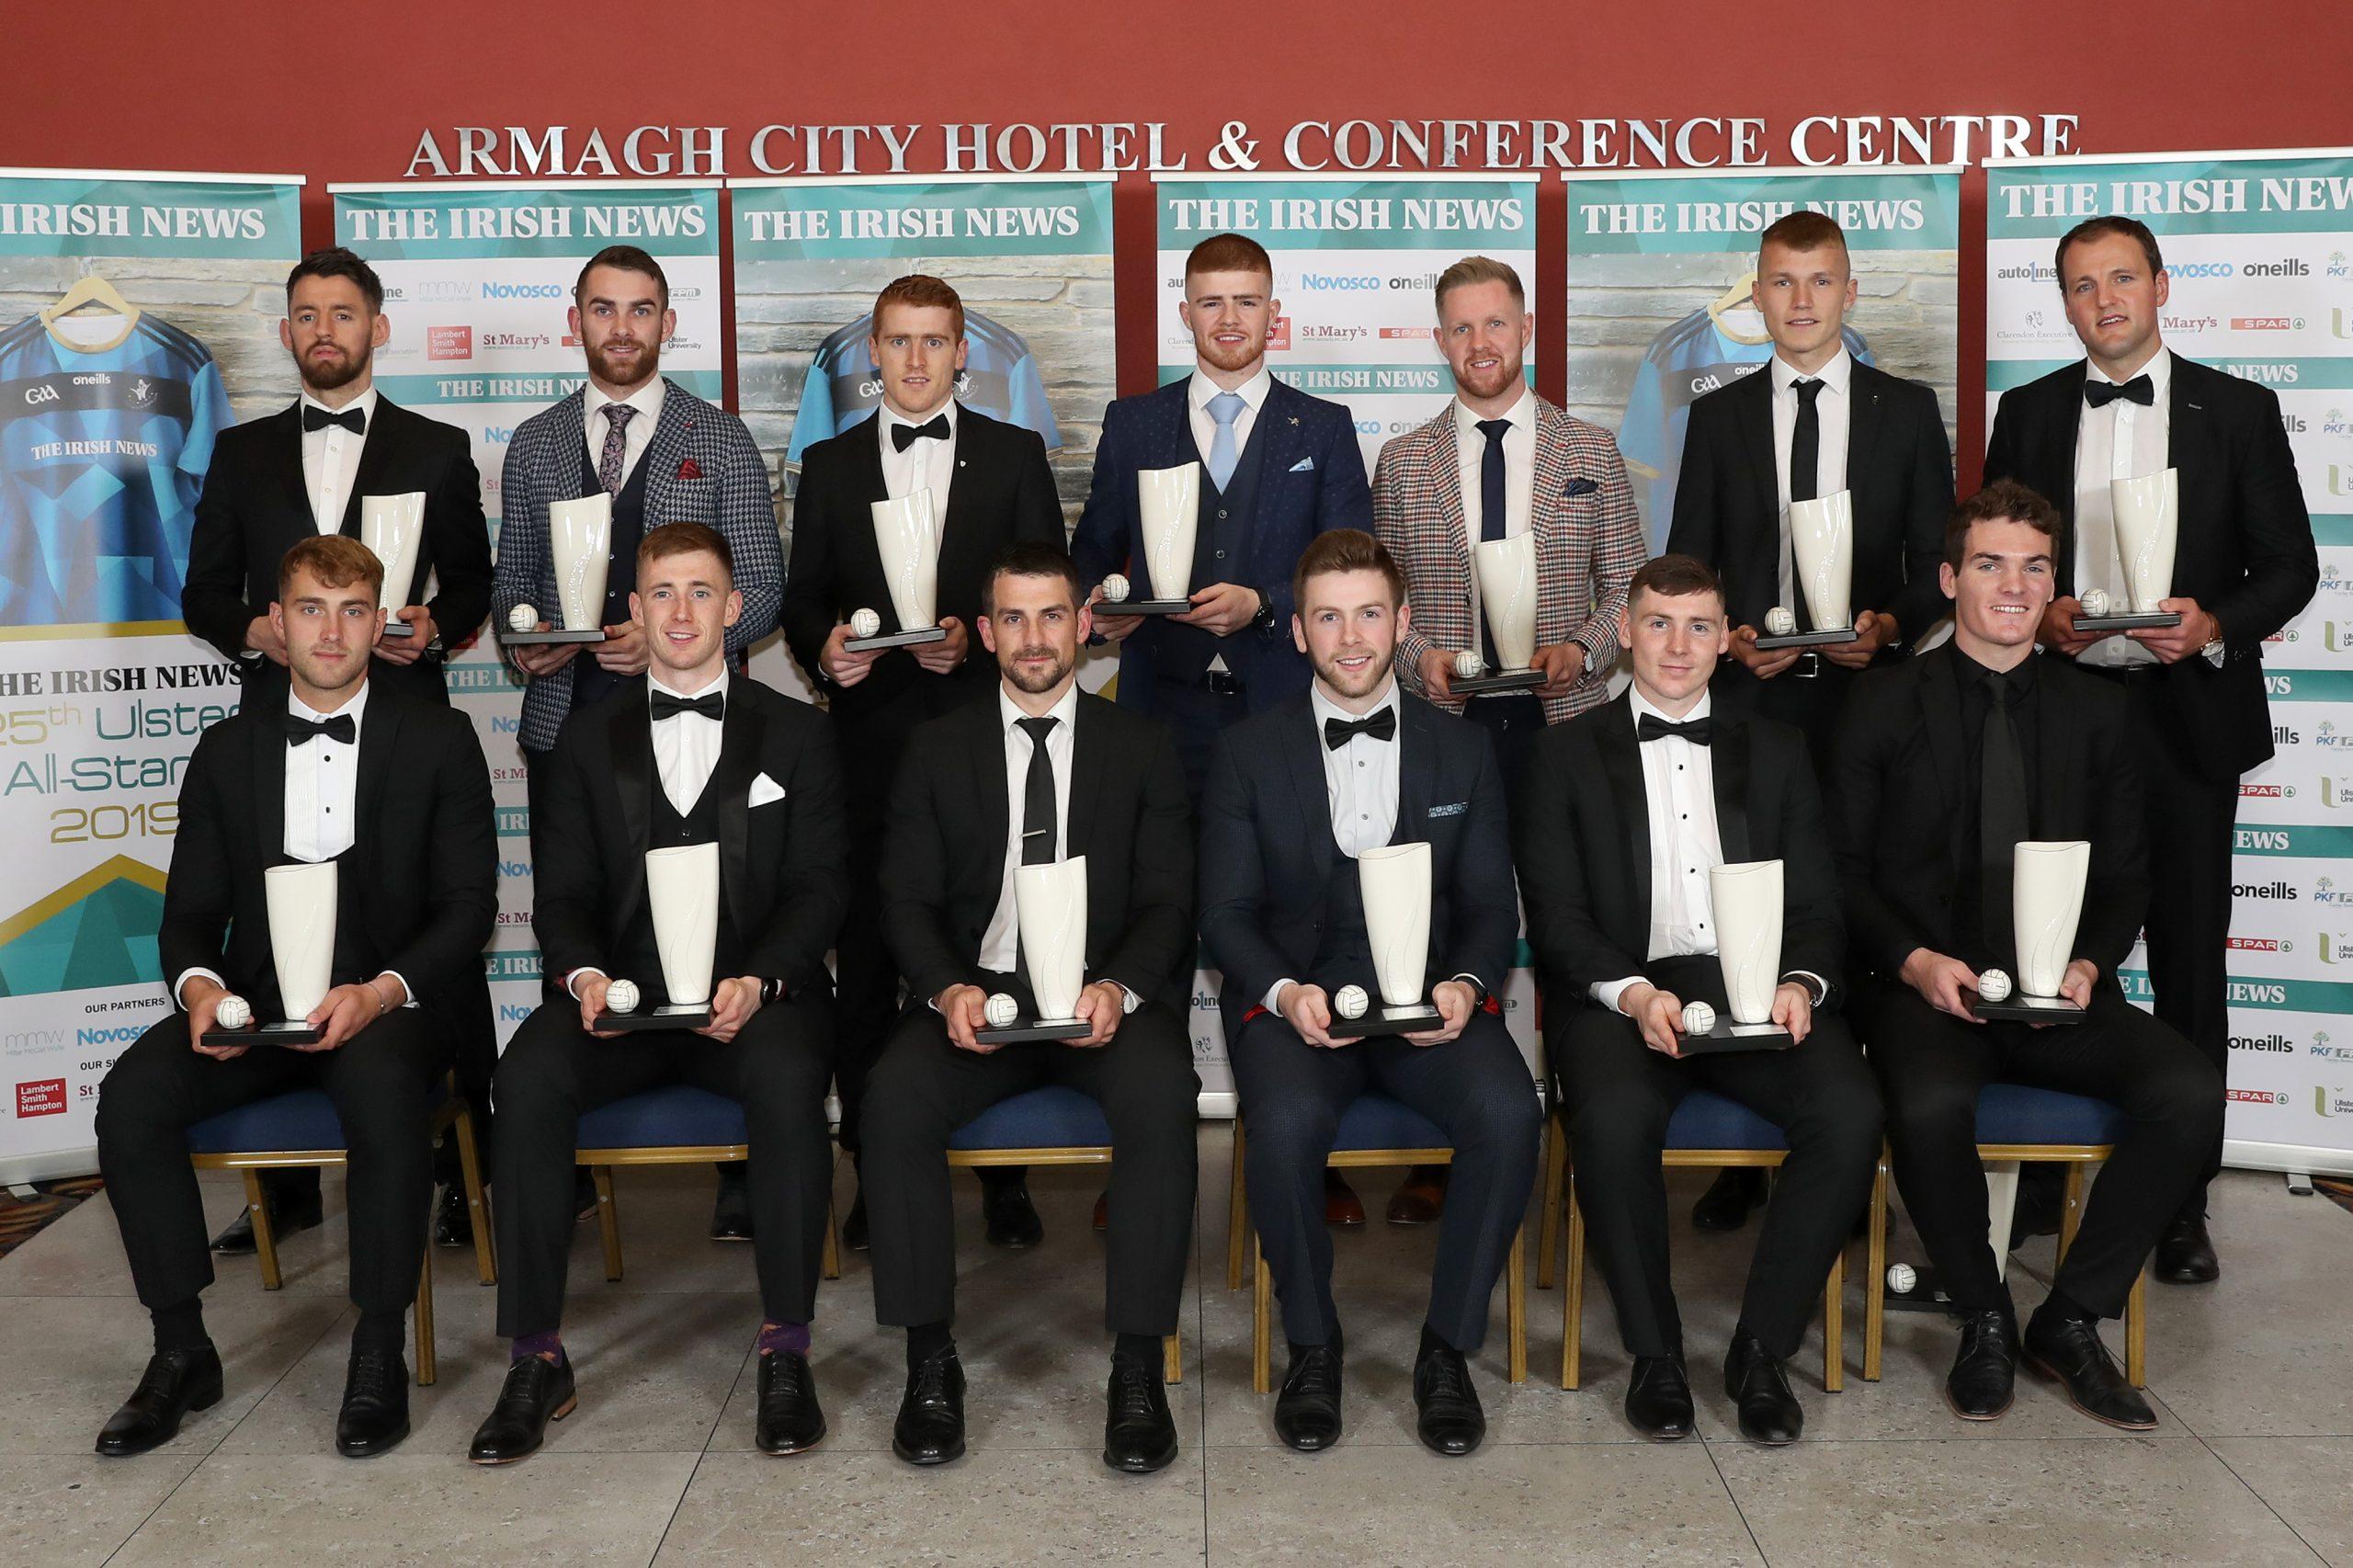 Irish News Ulster All-Stars Honoured